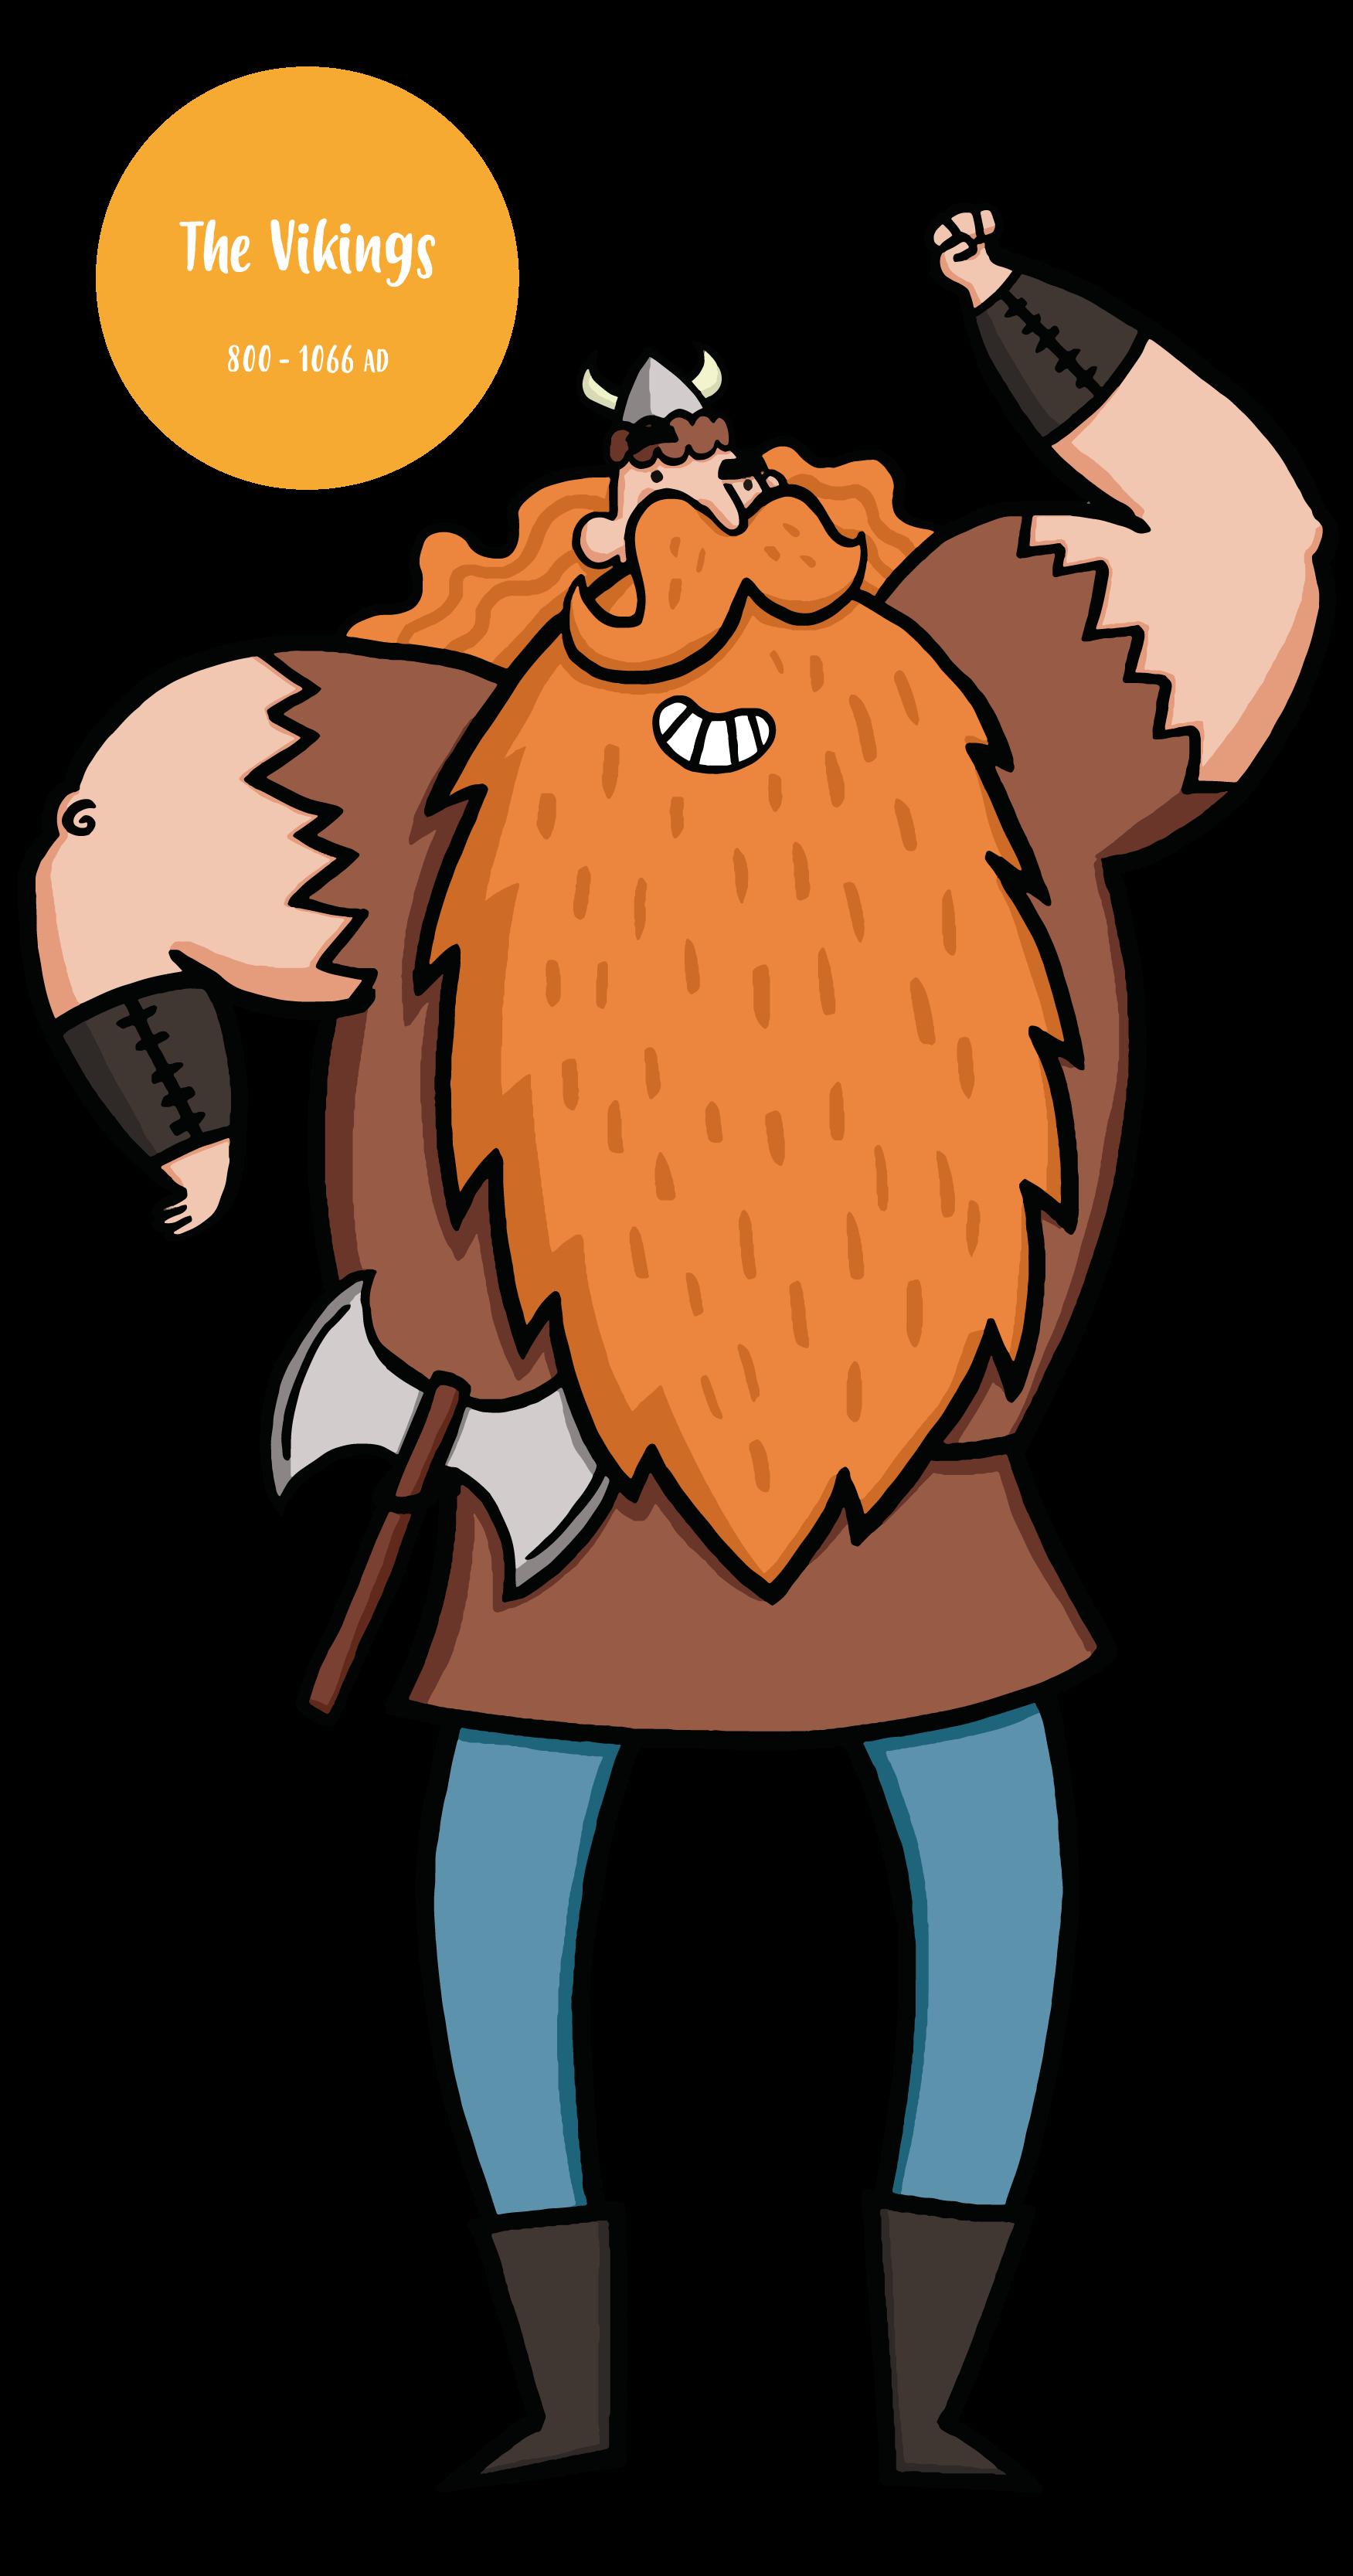 happy_history_character_viking.png